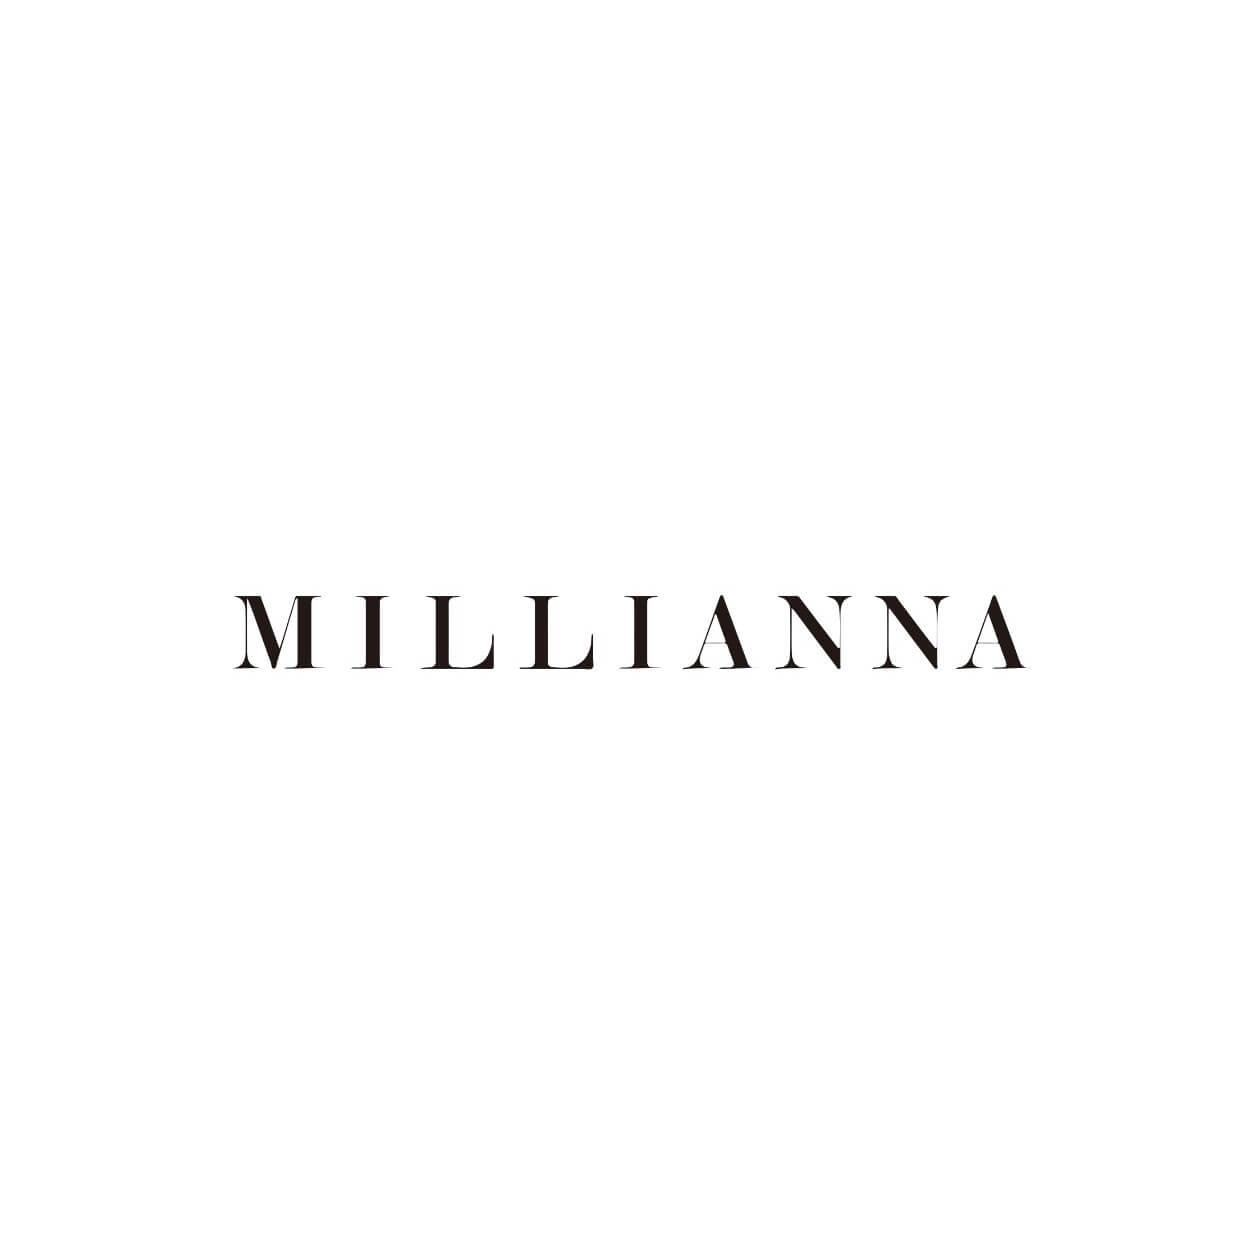 MLLIANNA